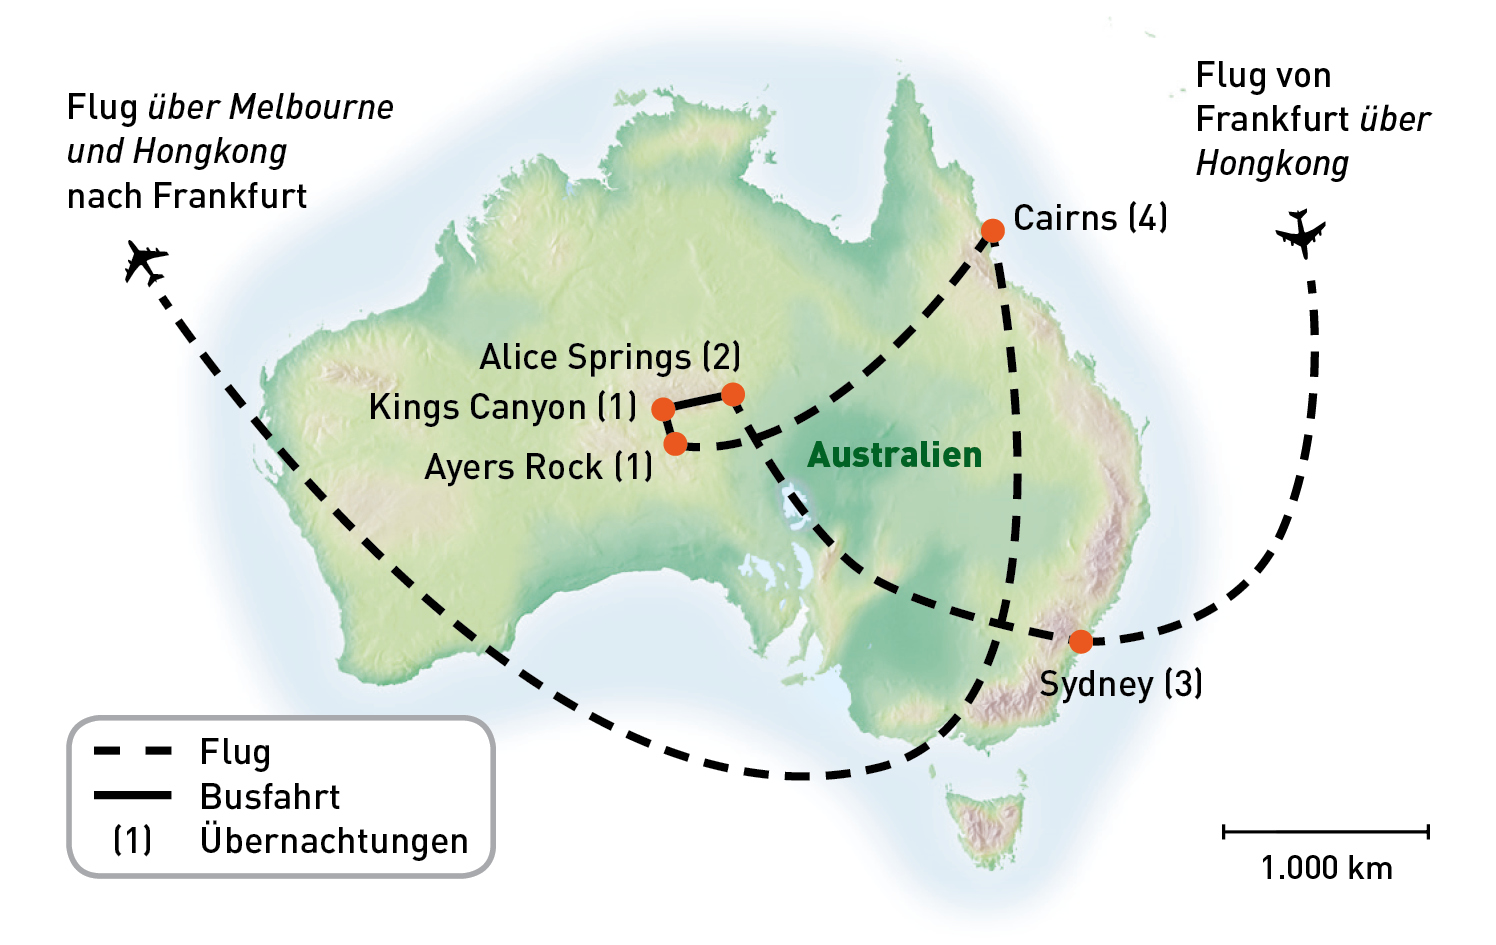 Routenkarte_Australien_Sydney Rock und Reef_KiKa2020_RGB